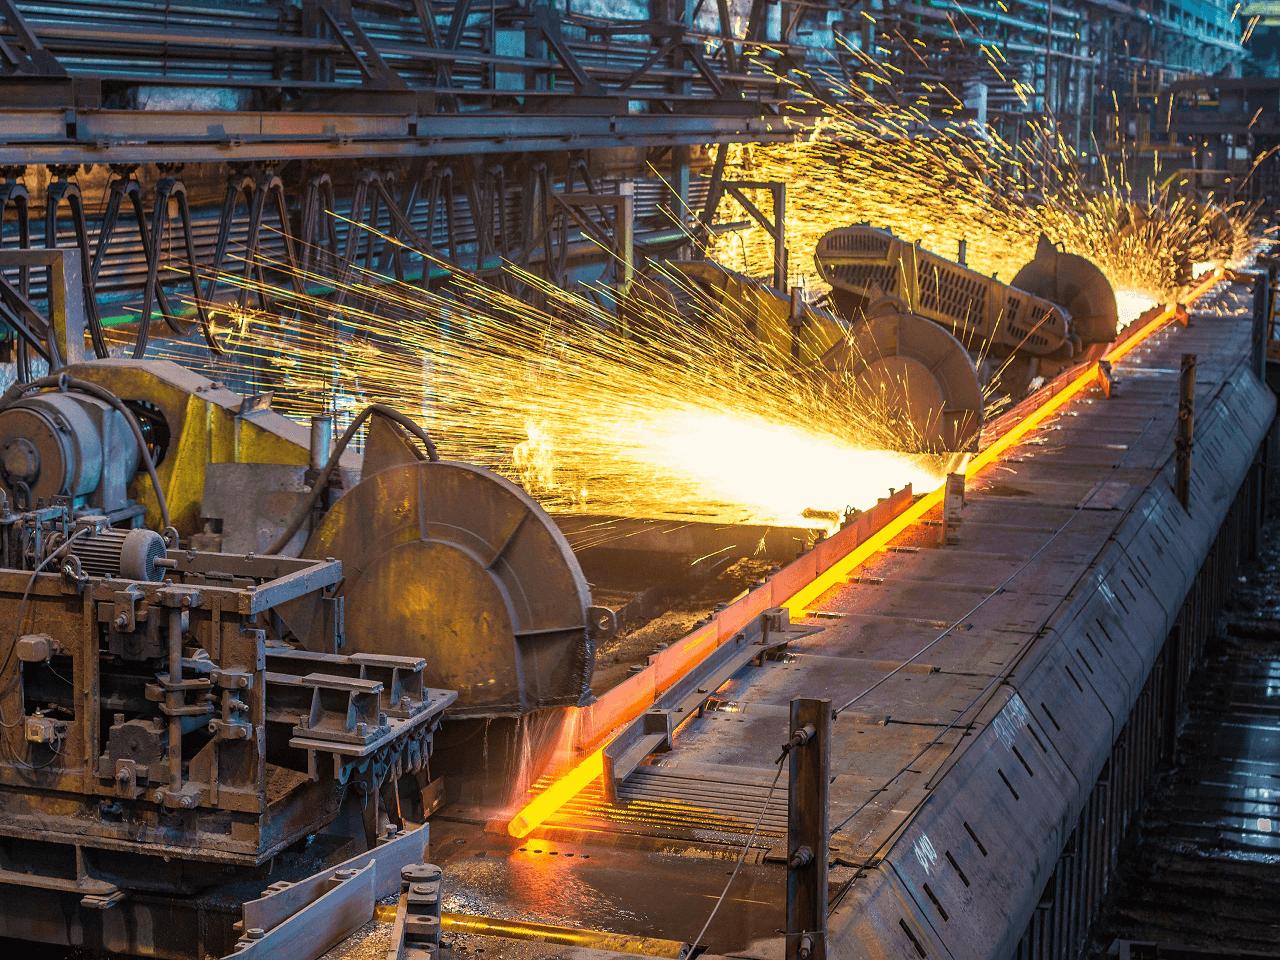 Hindistan Çelik İthal Ettiği Yedi Ülkeye Damping Soruşturması Açtı